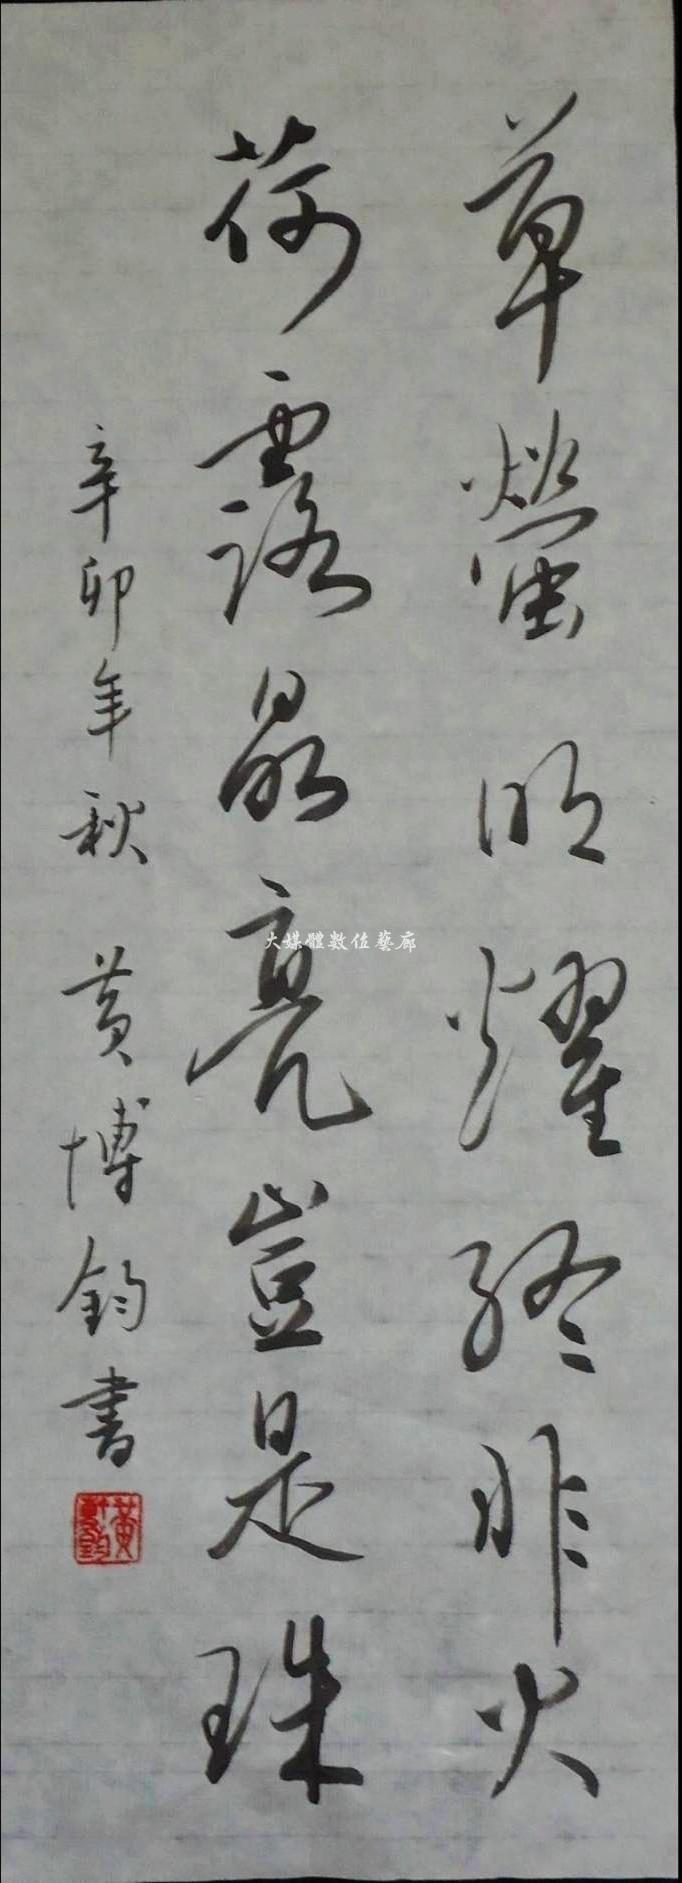 書法 唐代白居易的「放言五首其一的煌之境」